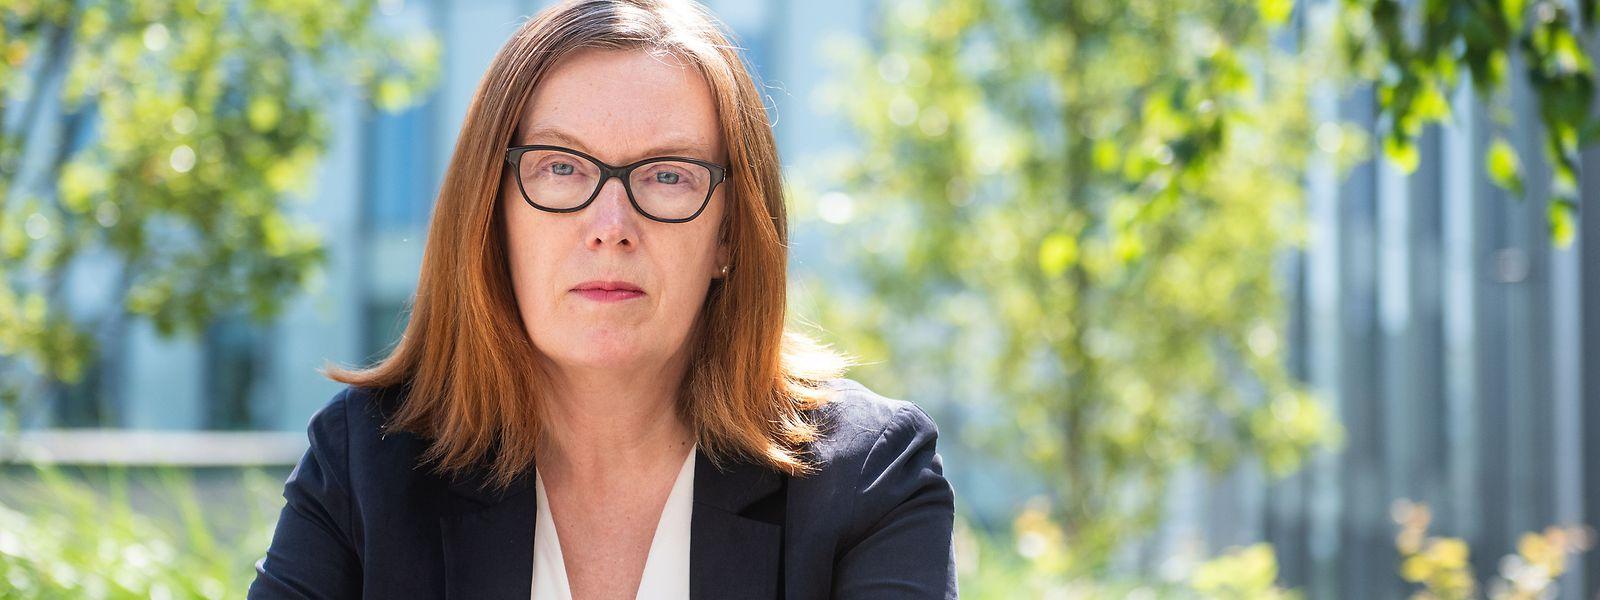 Professorin Sarah Gilber forscht an der Universität Oxford.